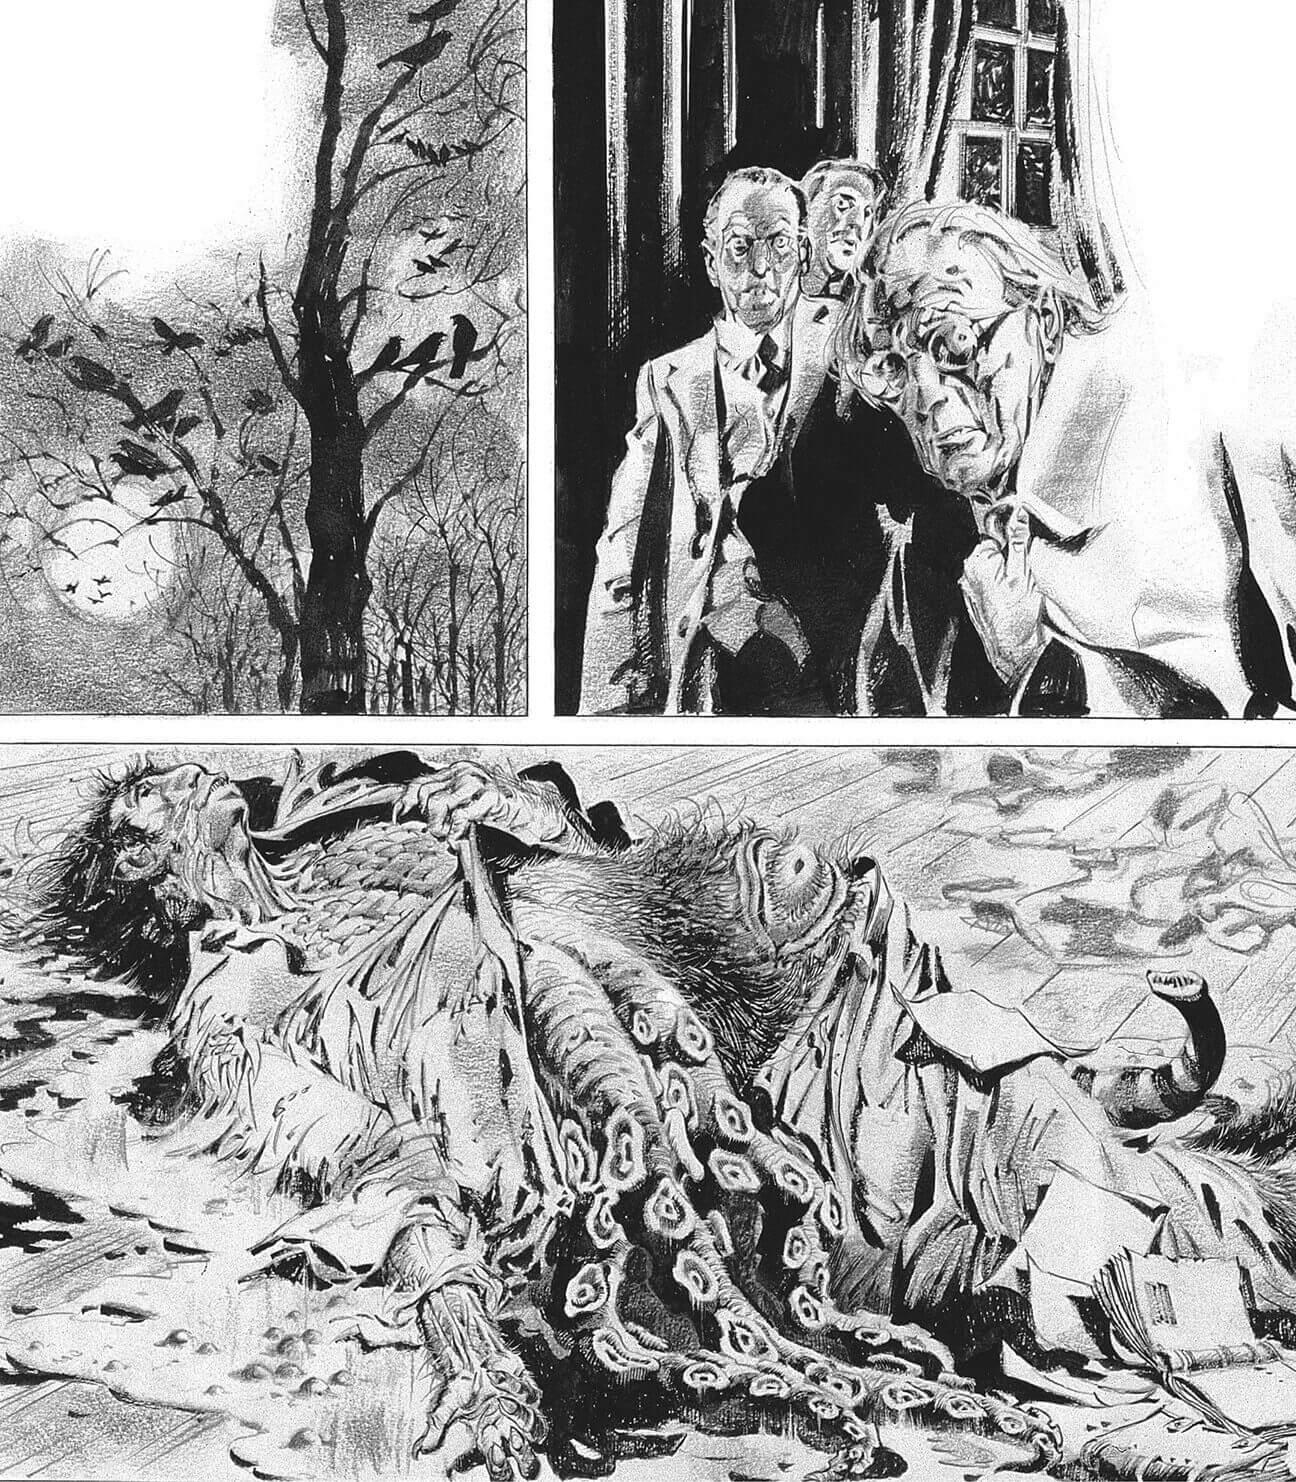 """Tavola da """"I miti di Cthulhu"""" di Alberto Breccia, in mostra al Festival del fumetto Bilbolbul 2019"""